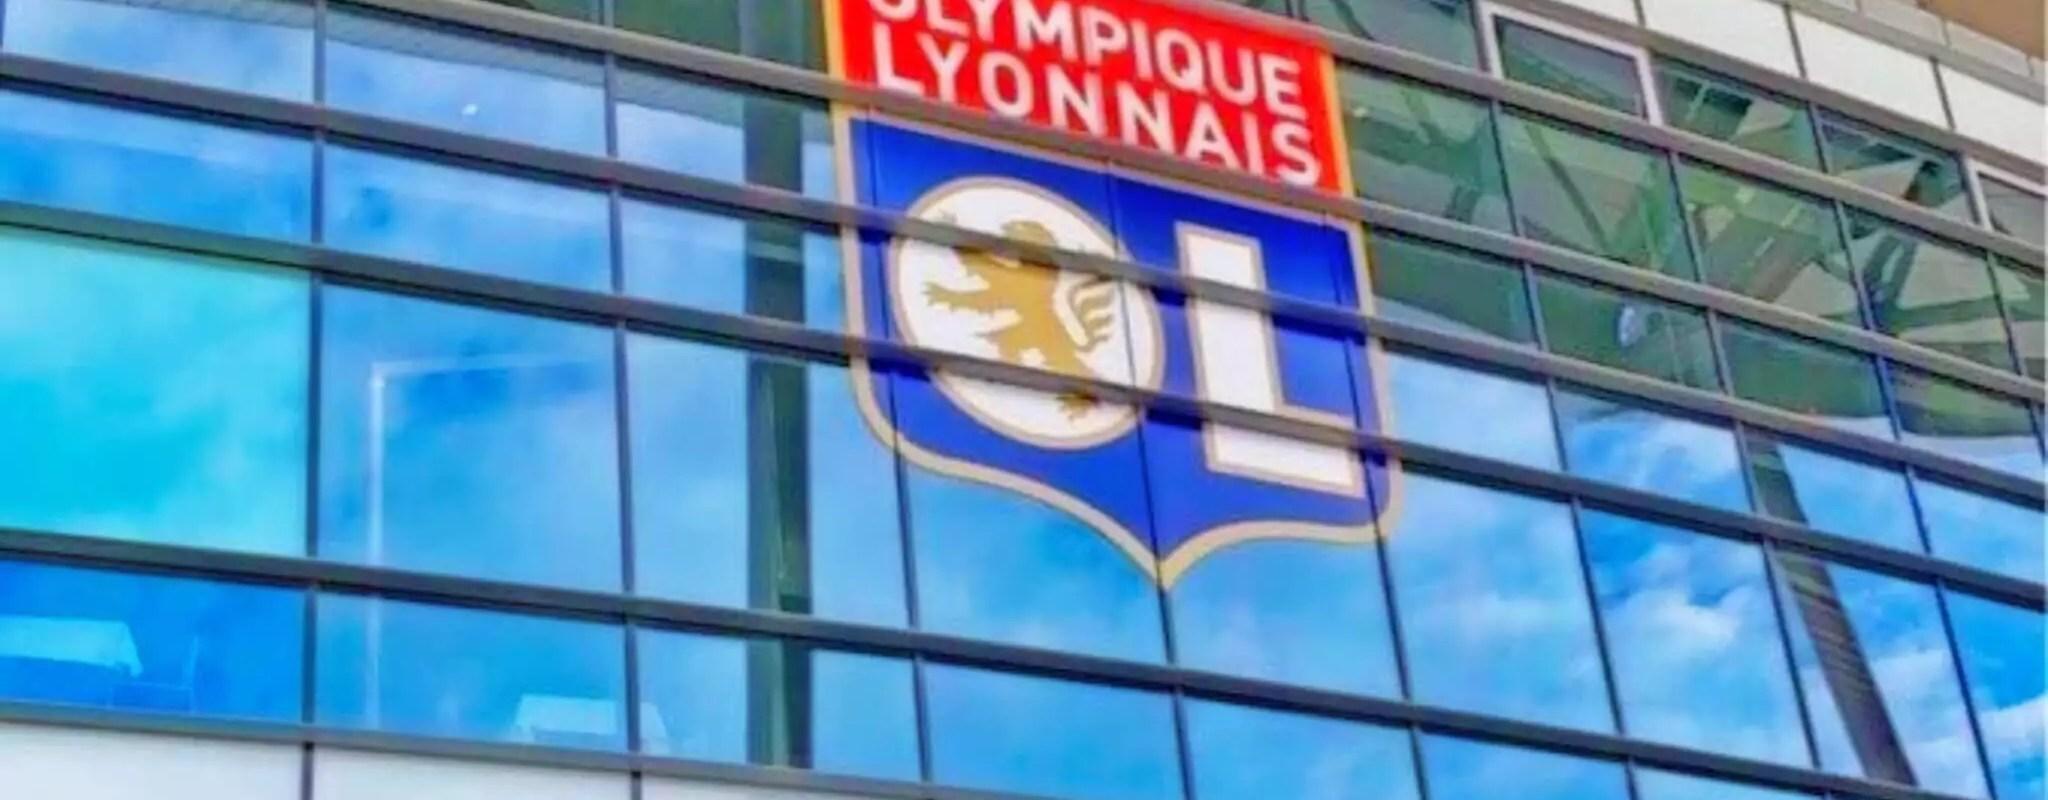 Face à un Olympique Lyonnais offensif, la défense du Racing doit se réveiller